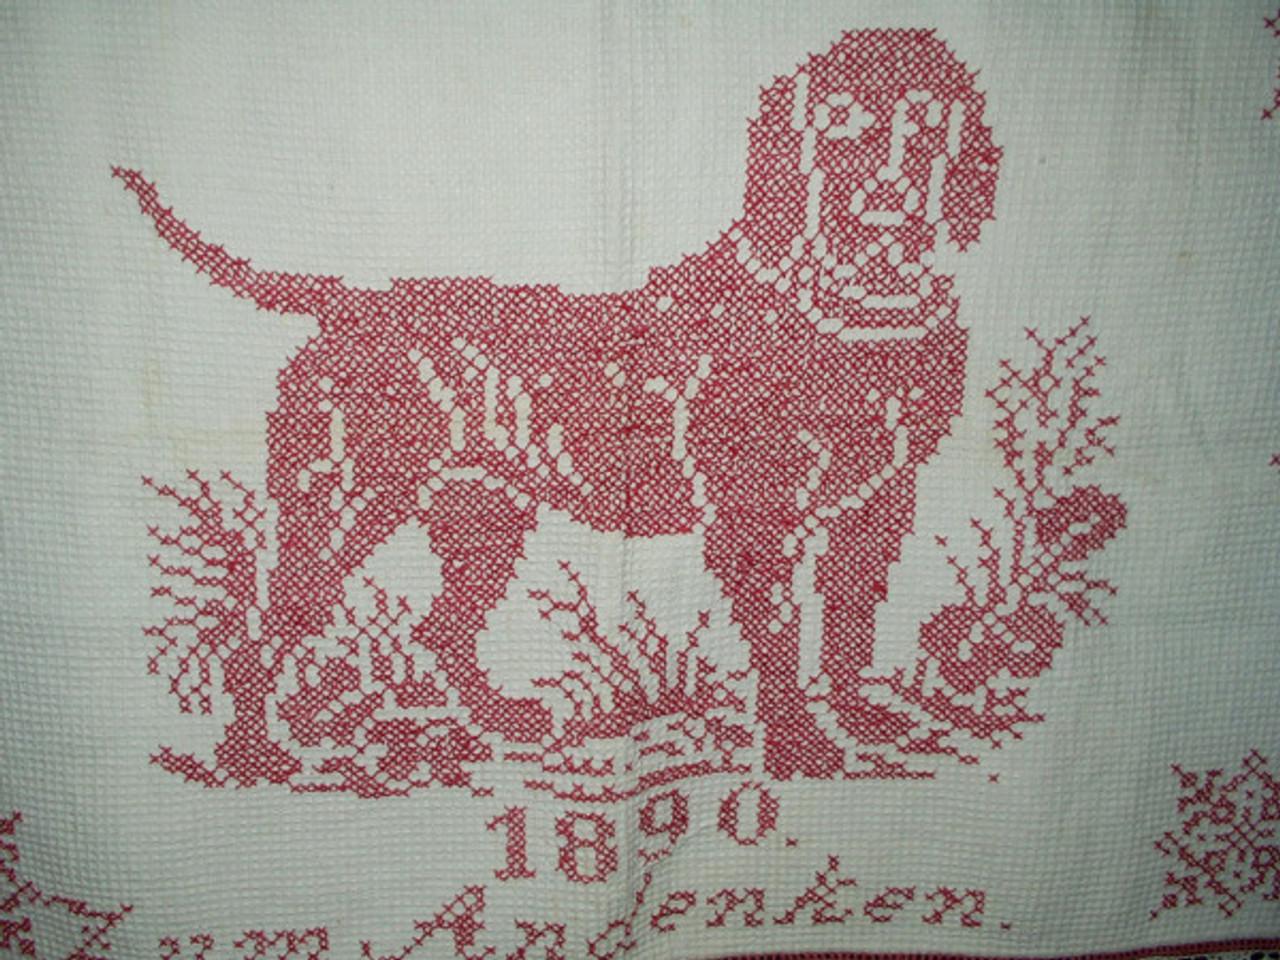 Victorian Turkey Redwork Embroidery Cross Stitch Dog